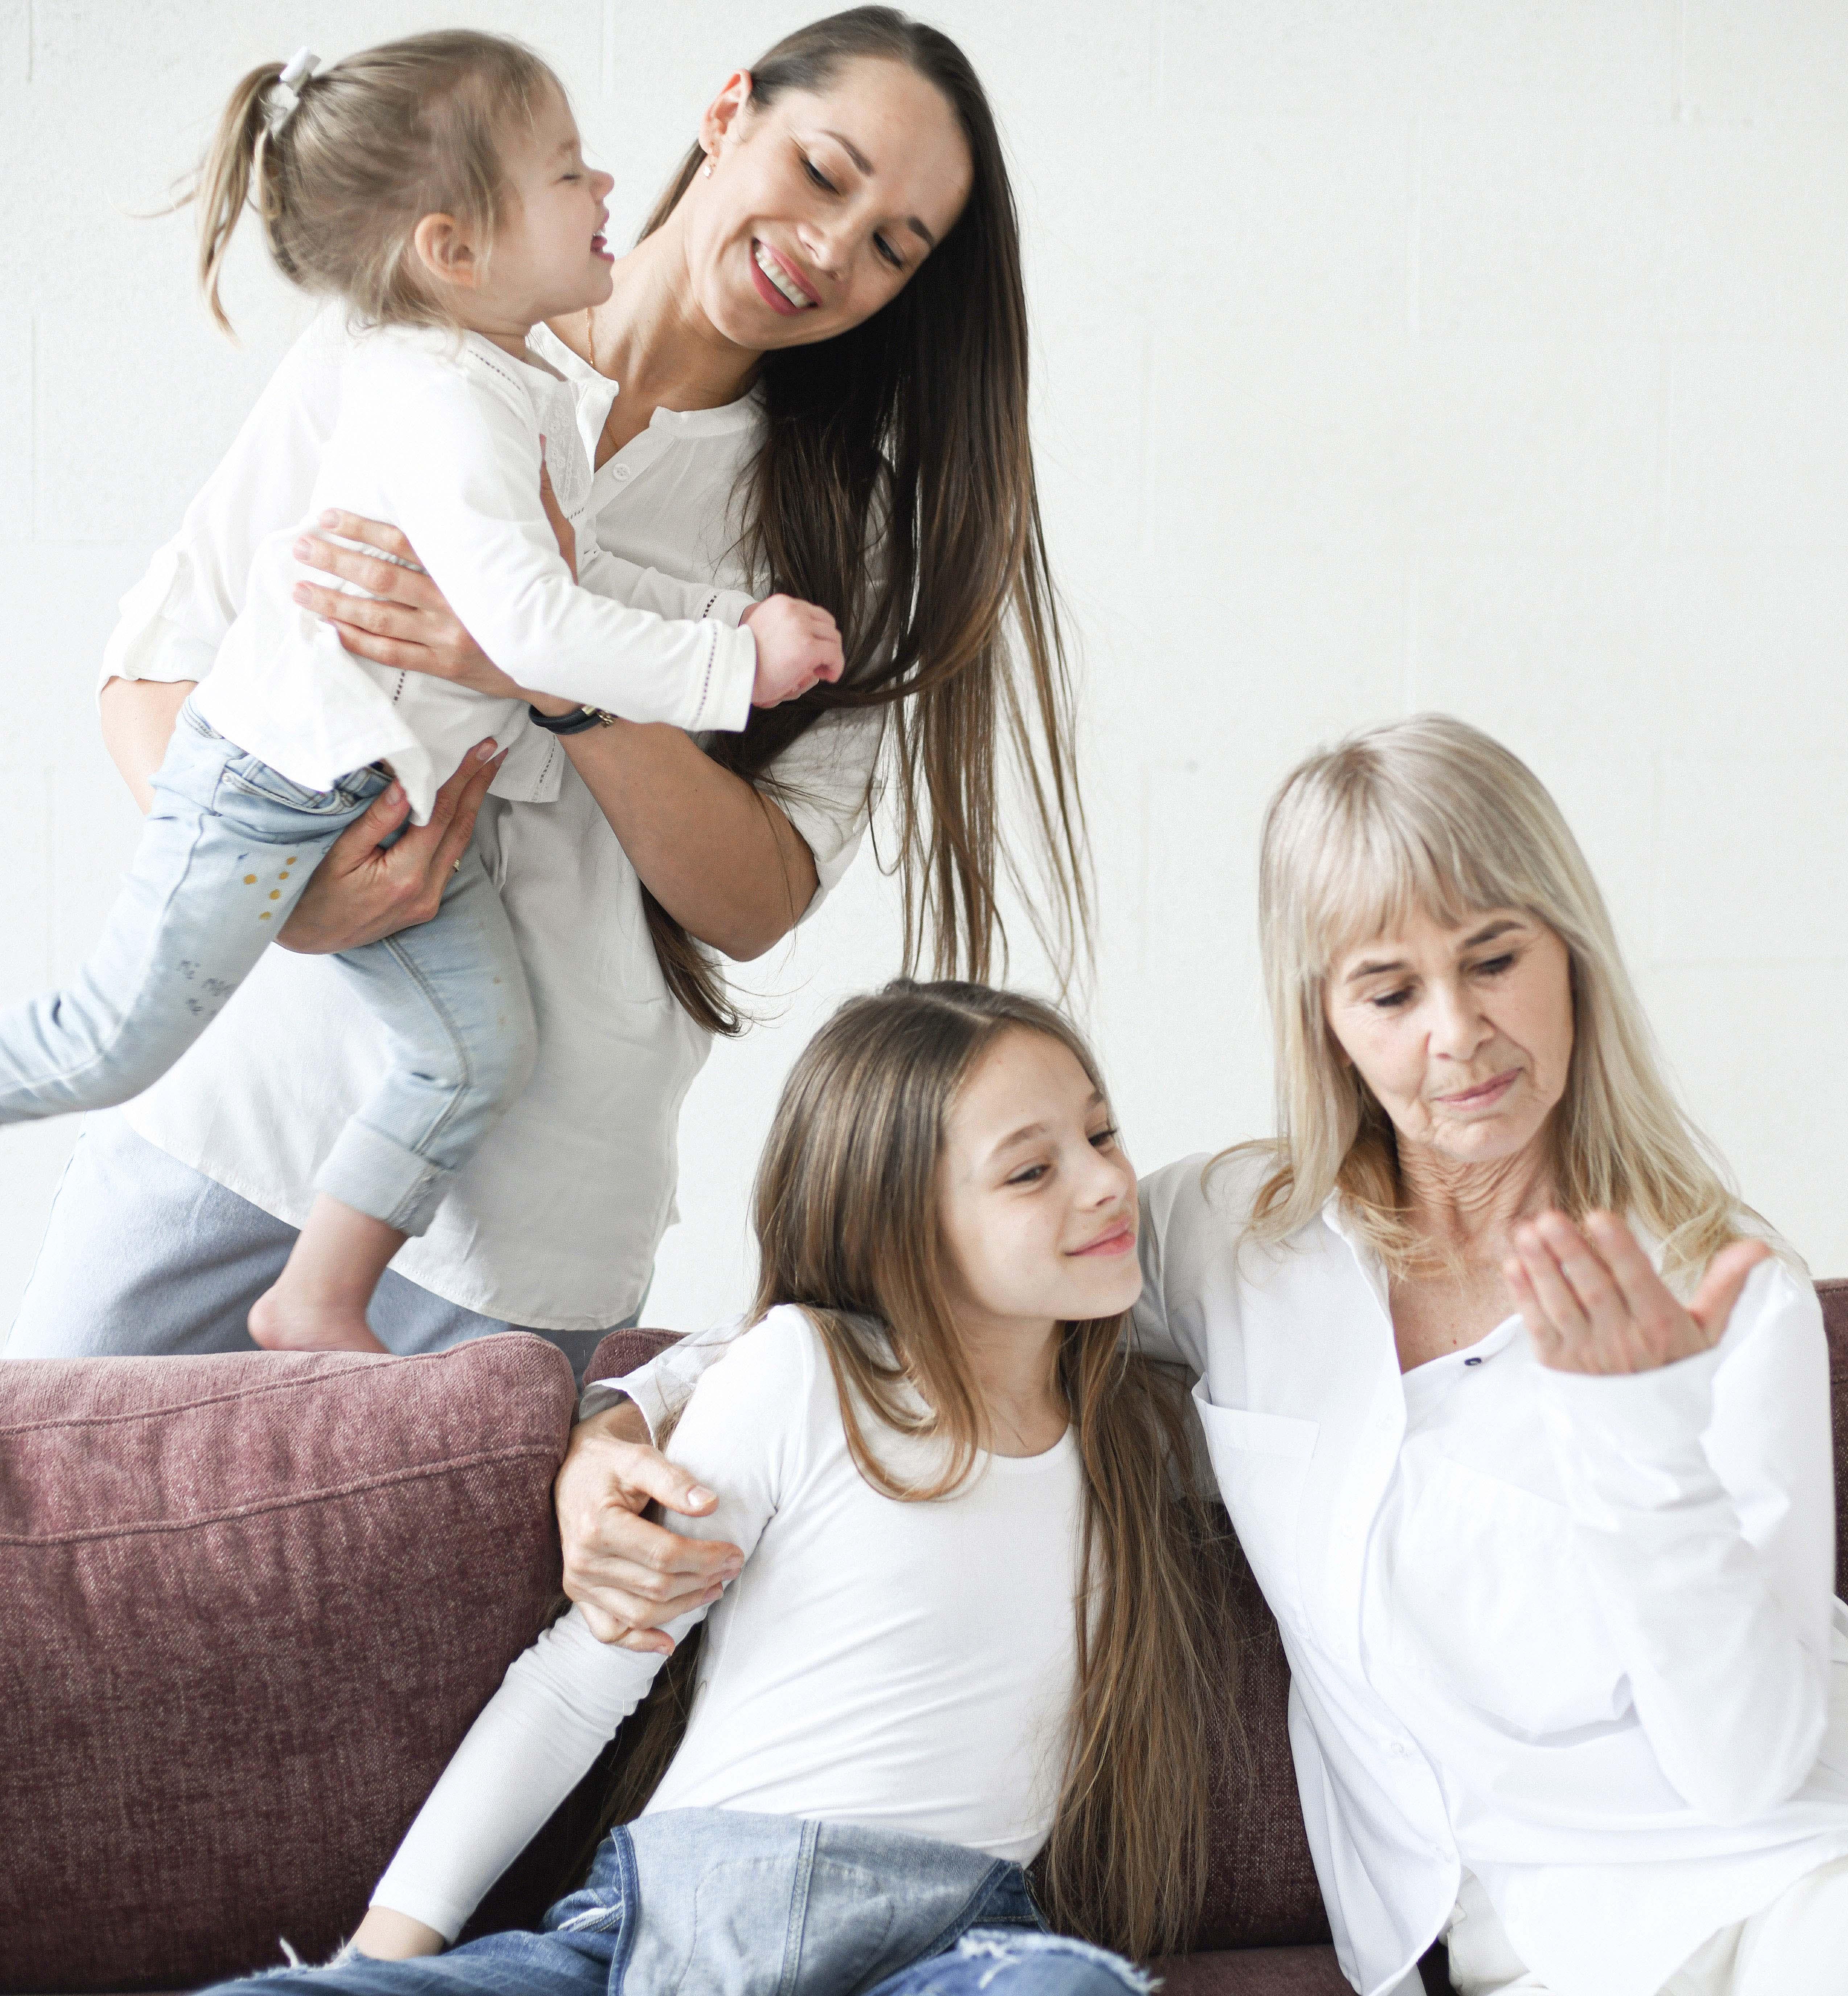 Produktai visai šeimai - nuo 0 iki 100 metų!